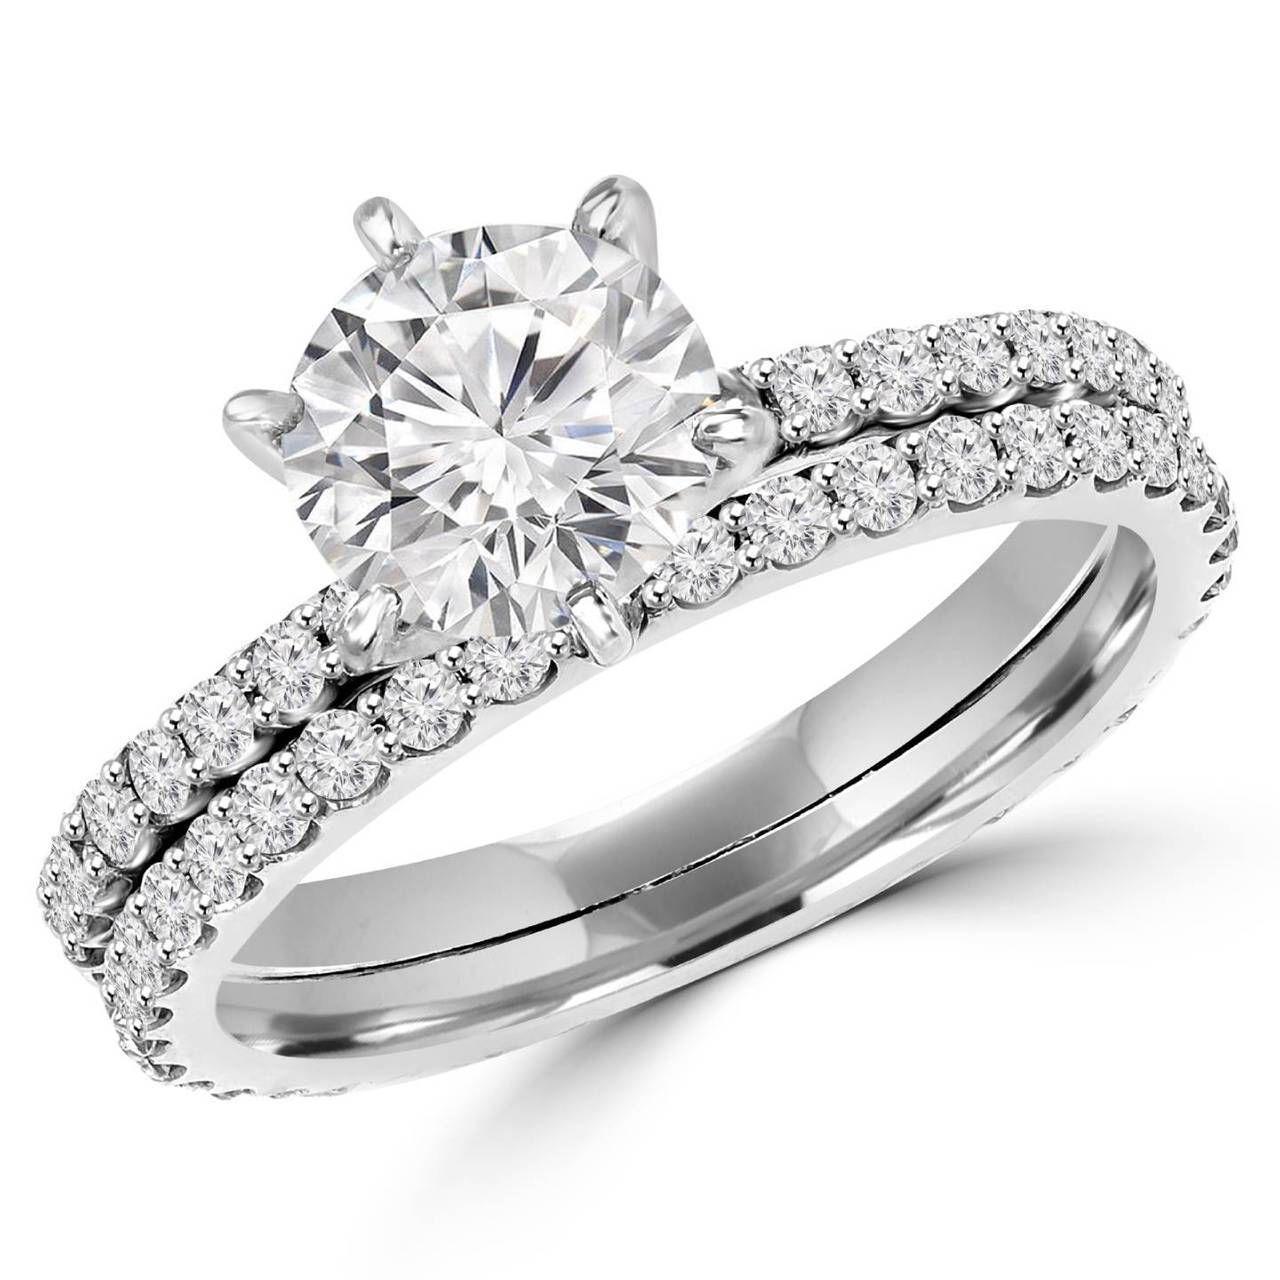 multi band wedding ring Round Cut Diamond Multi Stone 6 Prong Engagement Ring Wedding Band Bridal Set